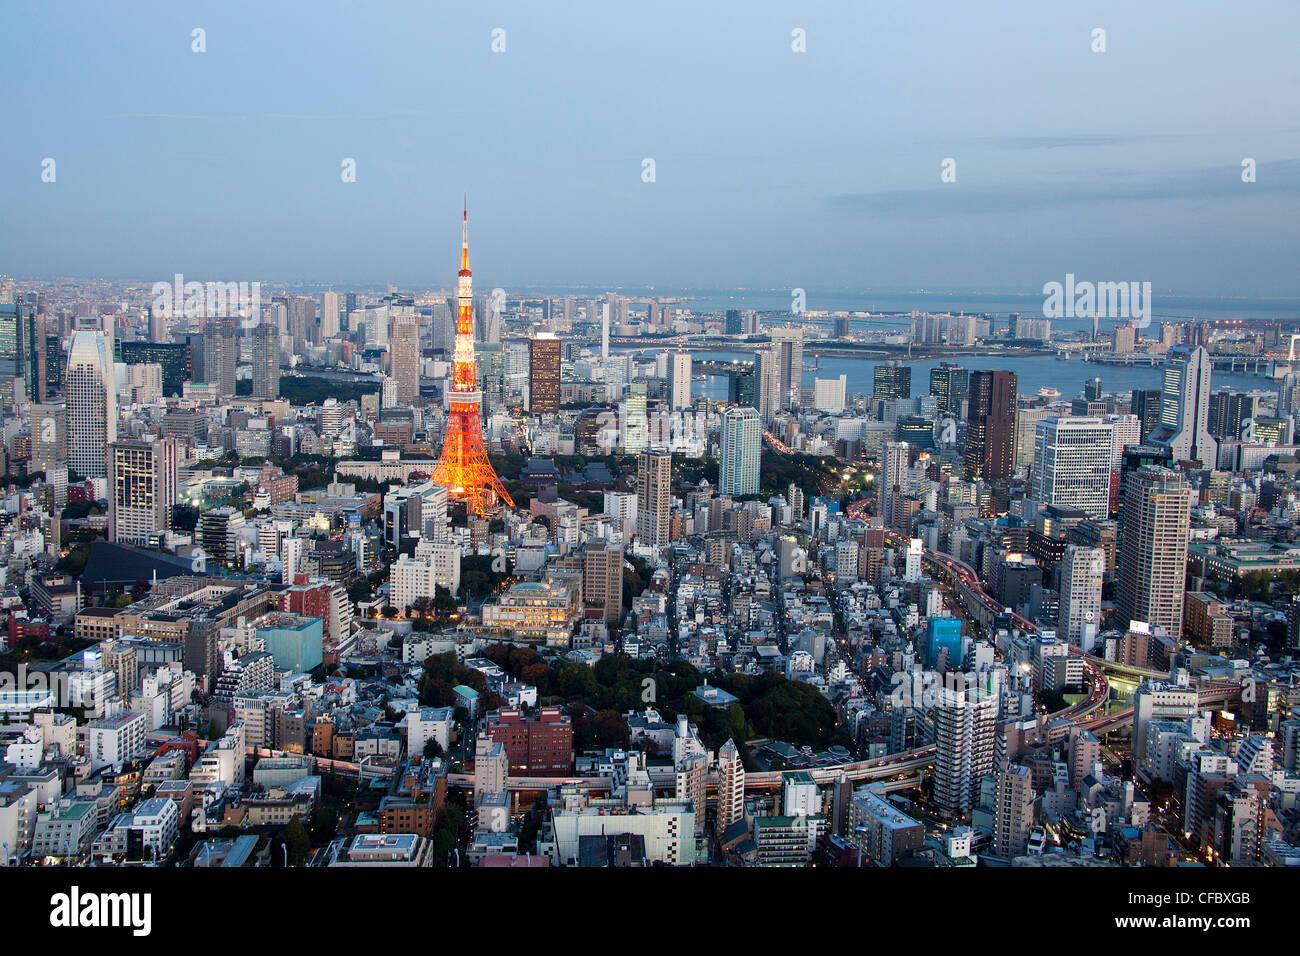 Tokyo, Japan, Asien, Stadt, Skyline von Tokyo, Tokyo Tower, Architektur, große, Gebäude, Stadt, Innenstadt, Stockbild